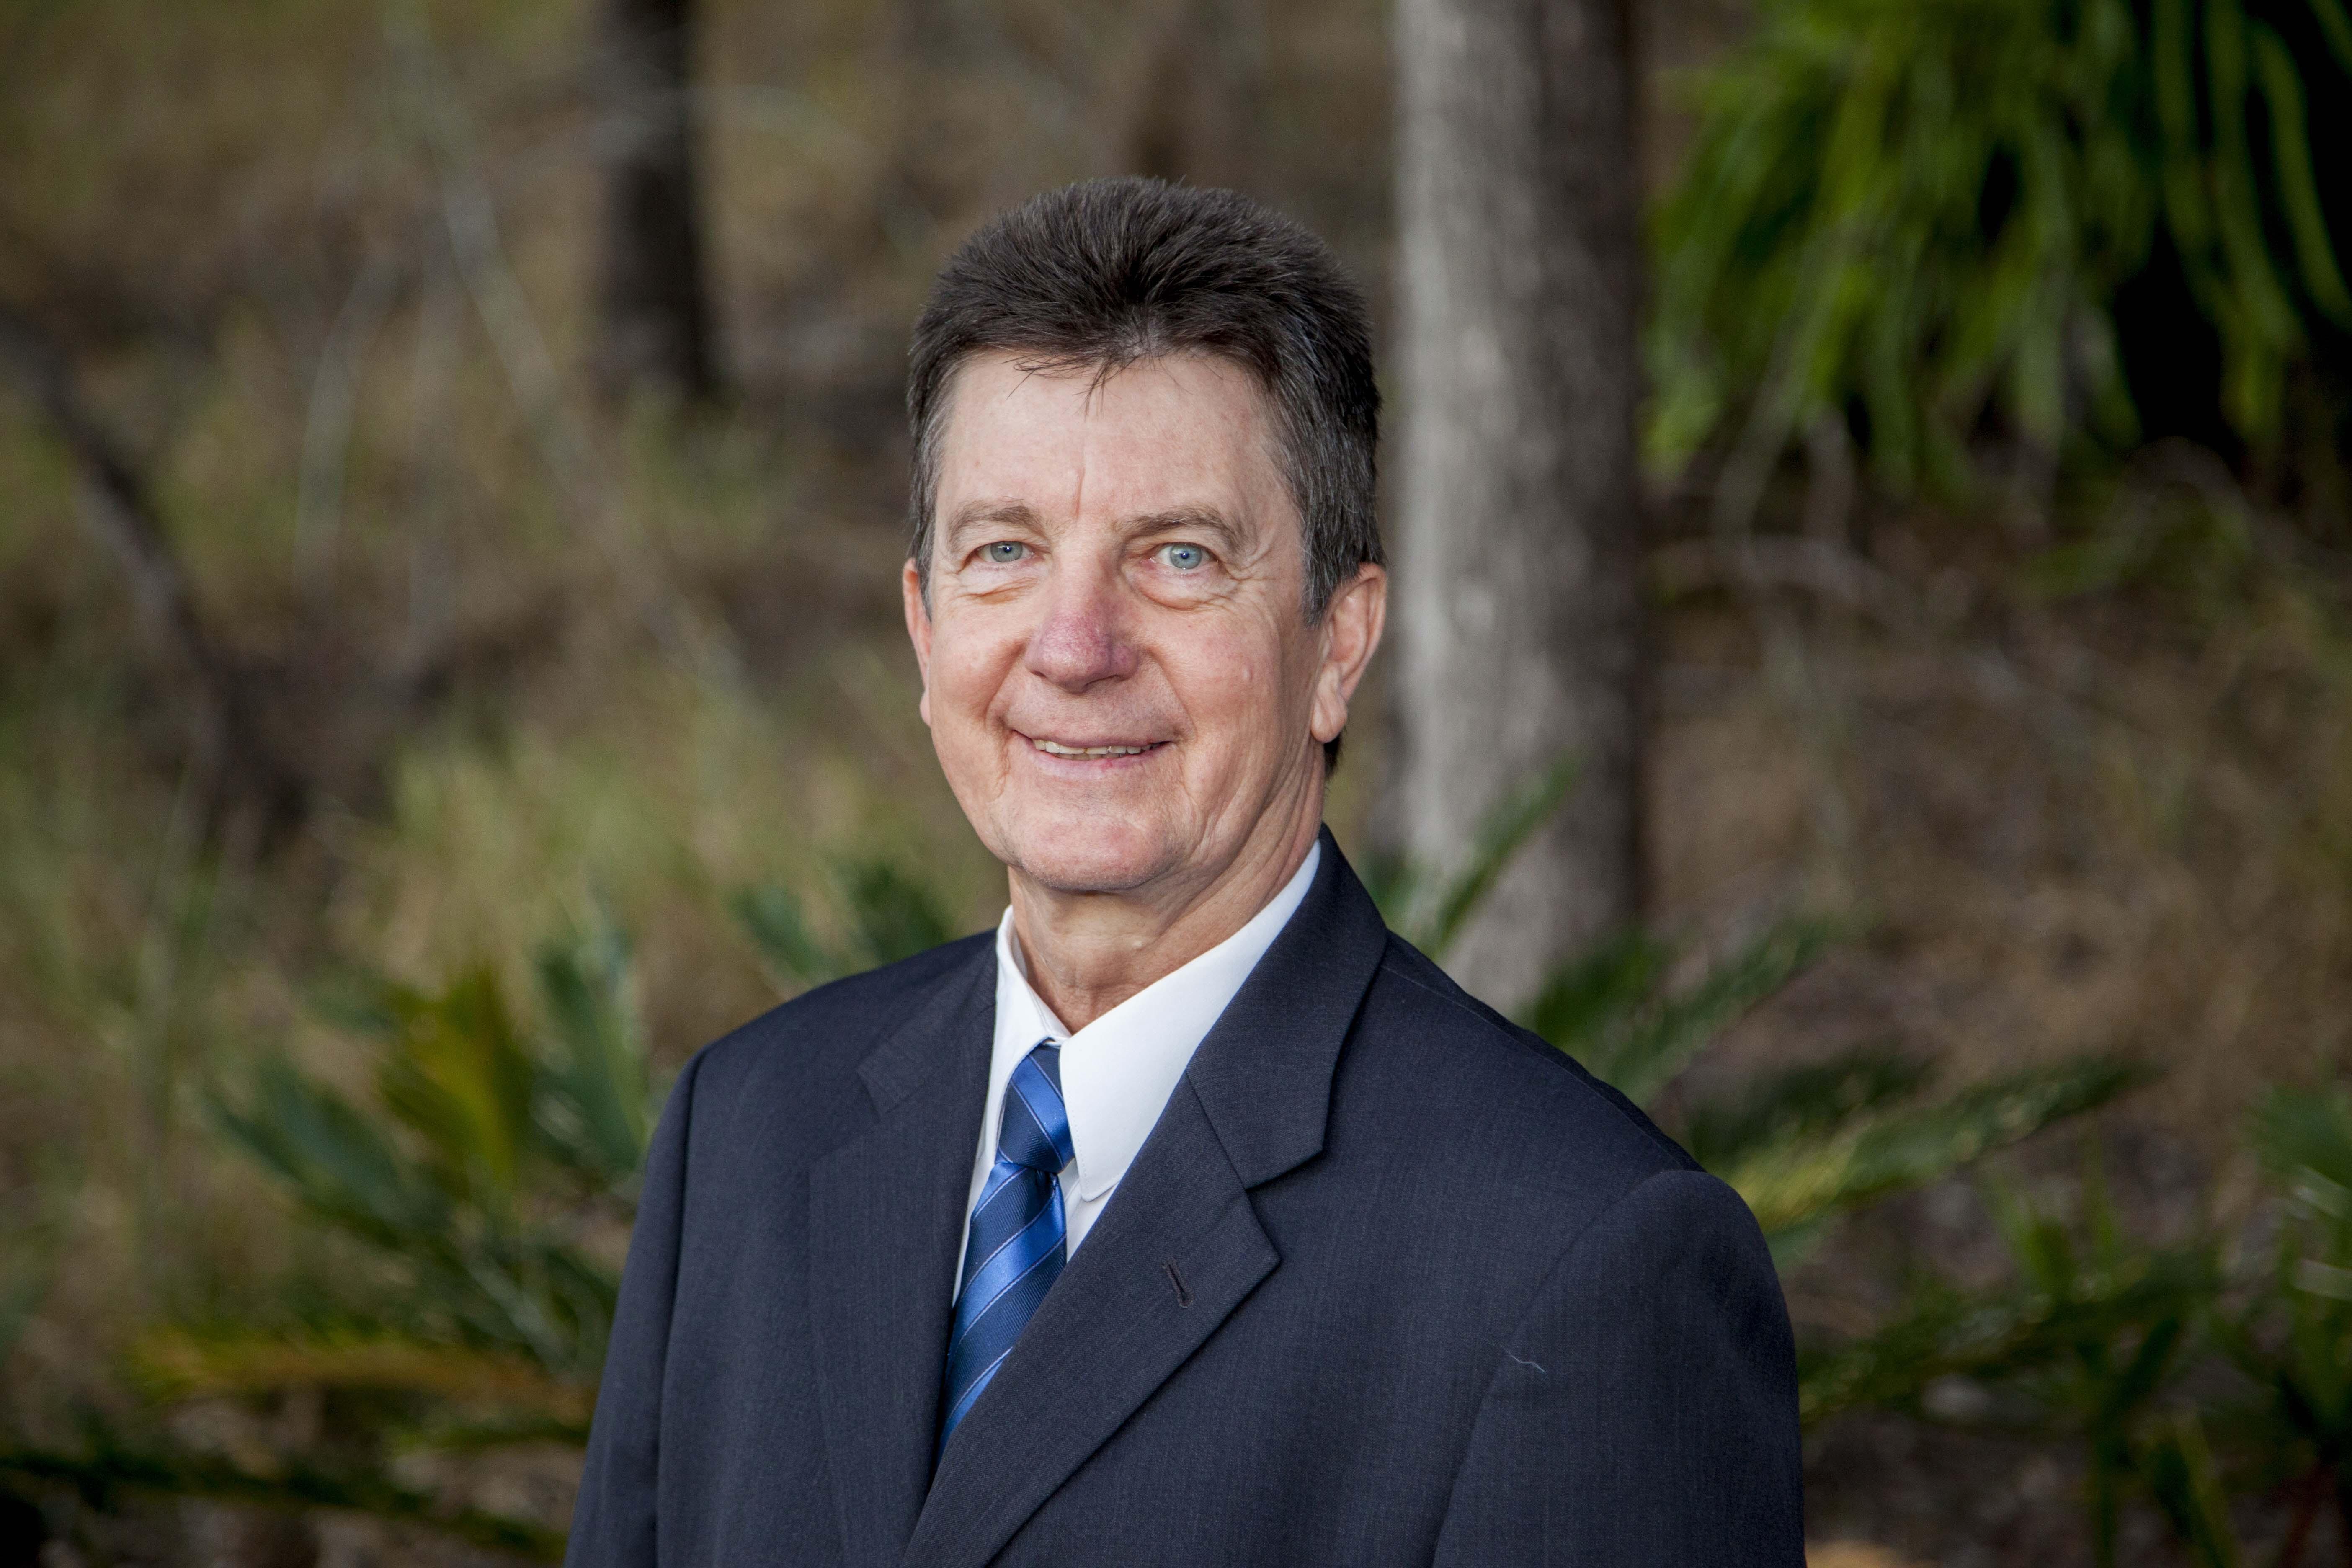 Ken Ewald